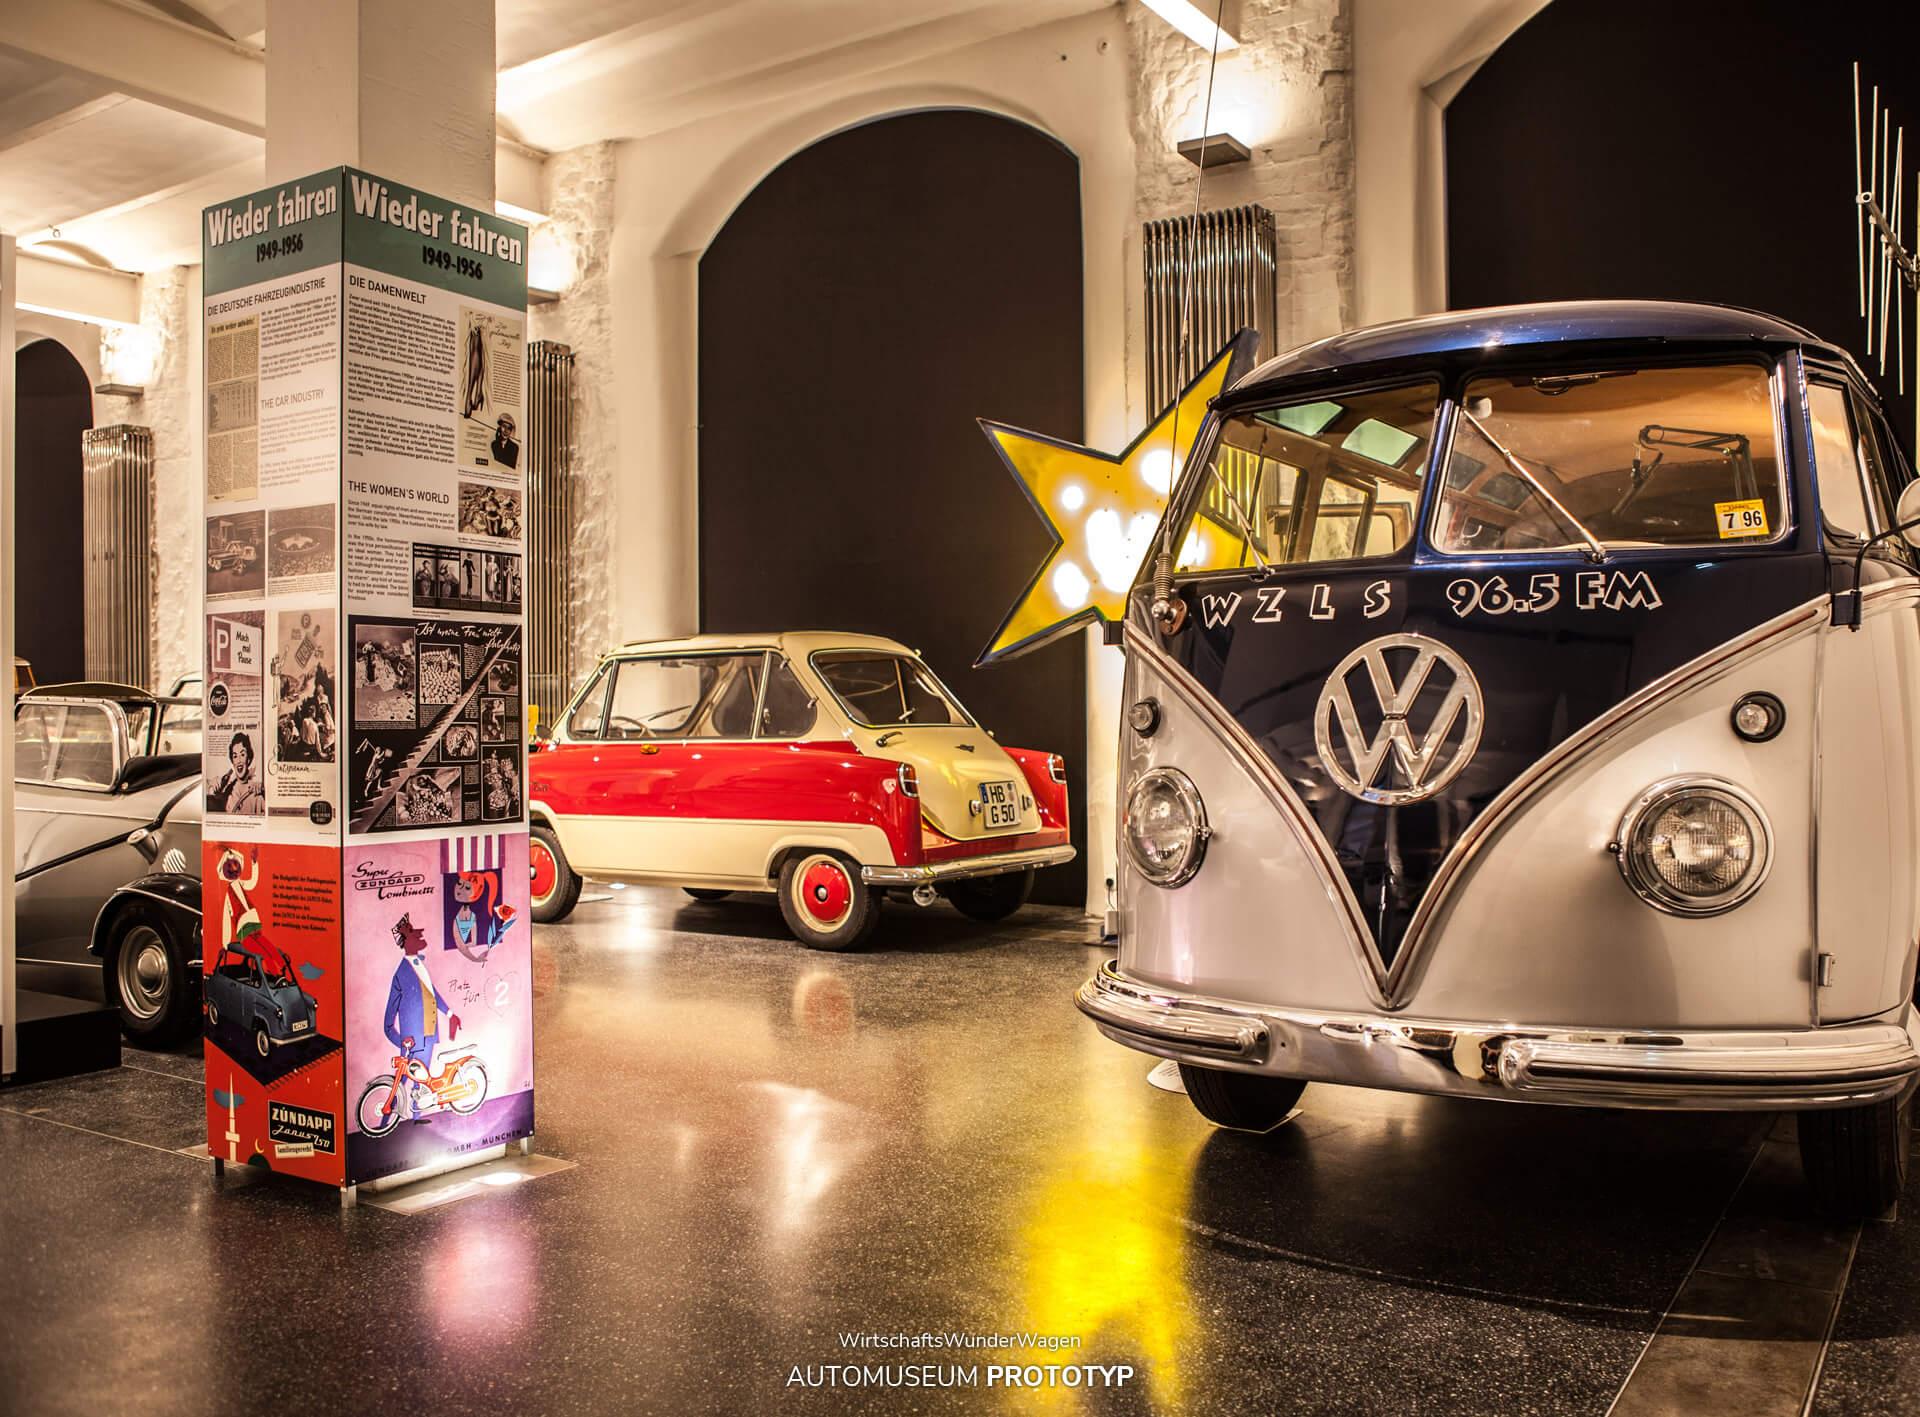 2012/2013 zeigte das Hamburger Automuseum Prototyp in der Sonderausstellung WirtschaftsWunderWagen unter anderen einen 1956er VW Bulli T1 Samba-Bus, der als Radio-Sendestation in den USA unterwegs war. Er stand neben einem zweifarbig lackierten Zündapp Janus von 1958. Im Hintergrund stand der originale Star Club-Stern.